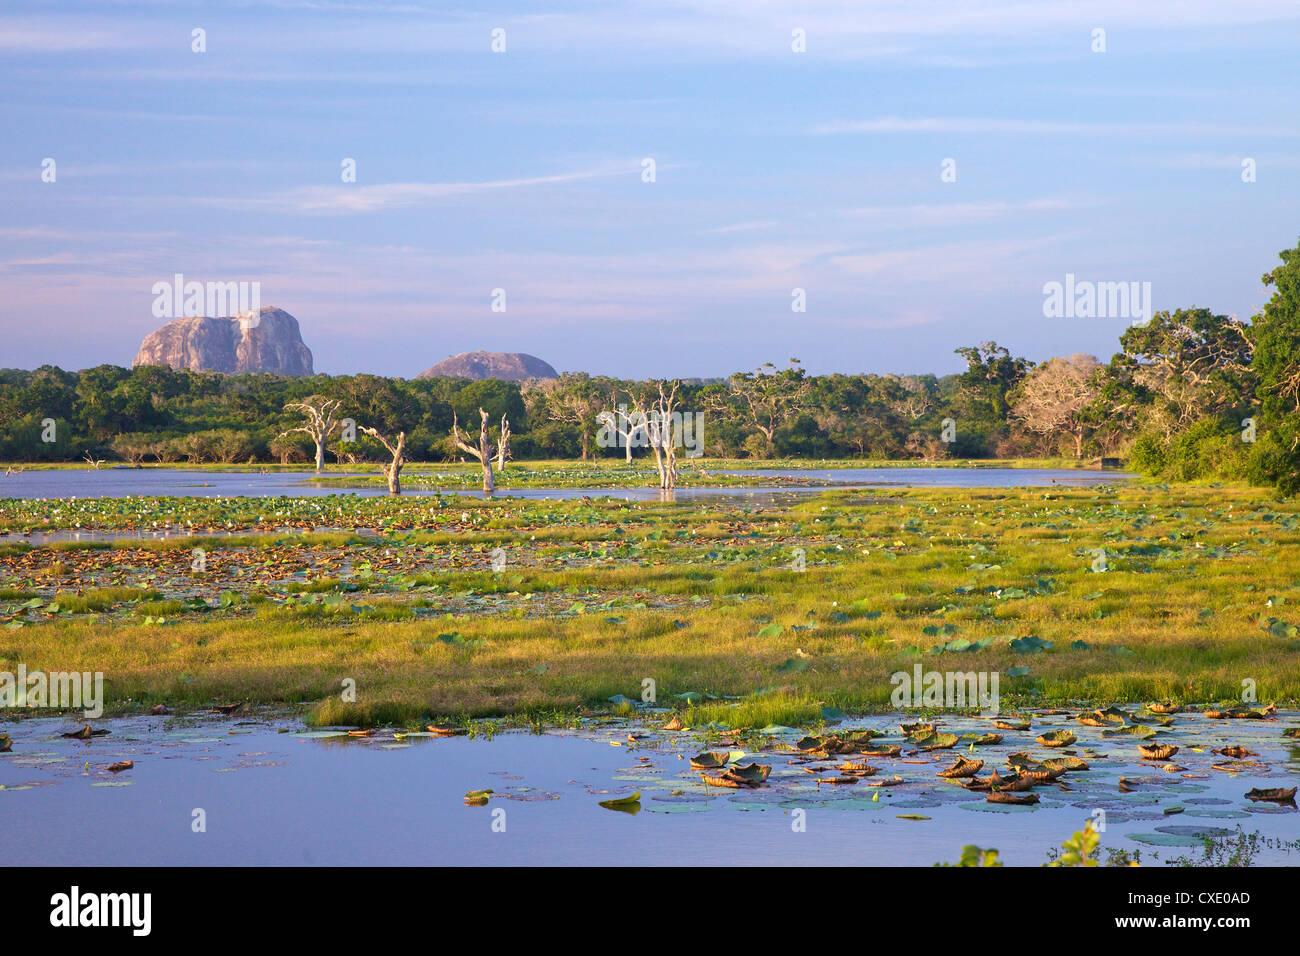 Il lago e la vista di Elephant Rock nel tardo pomeriggio, Yala National Park, Sri Lanka, Asia Immagini Stock